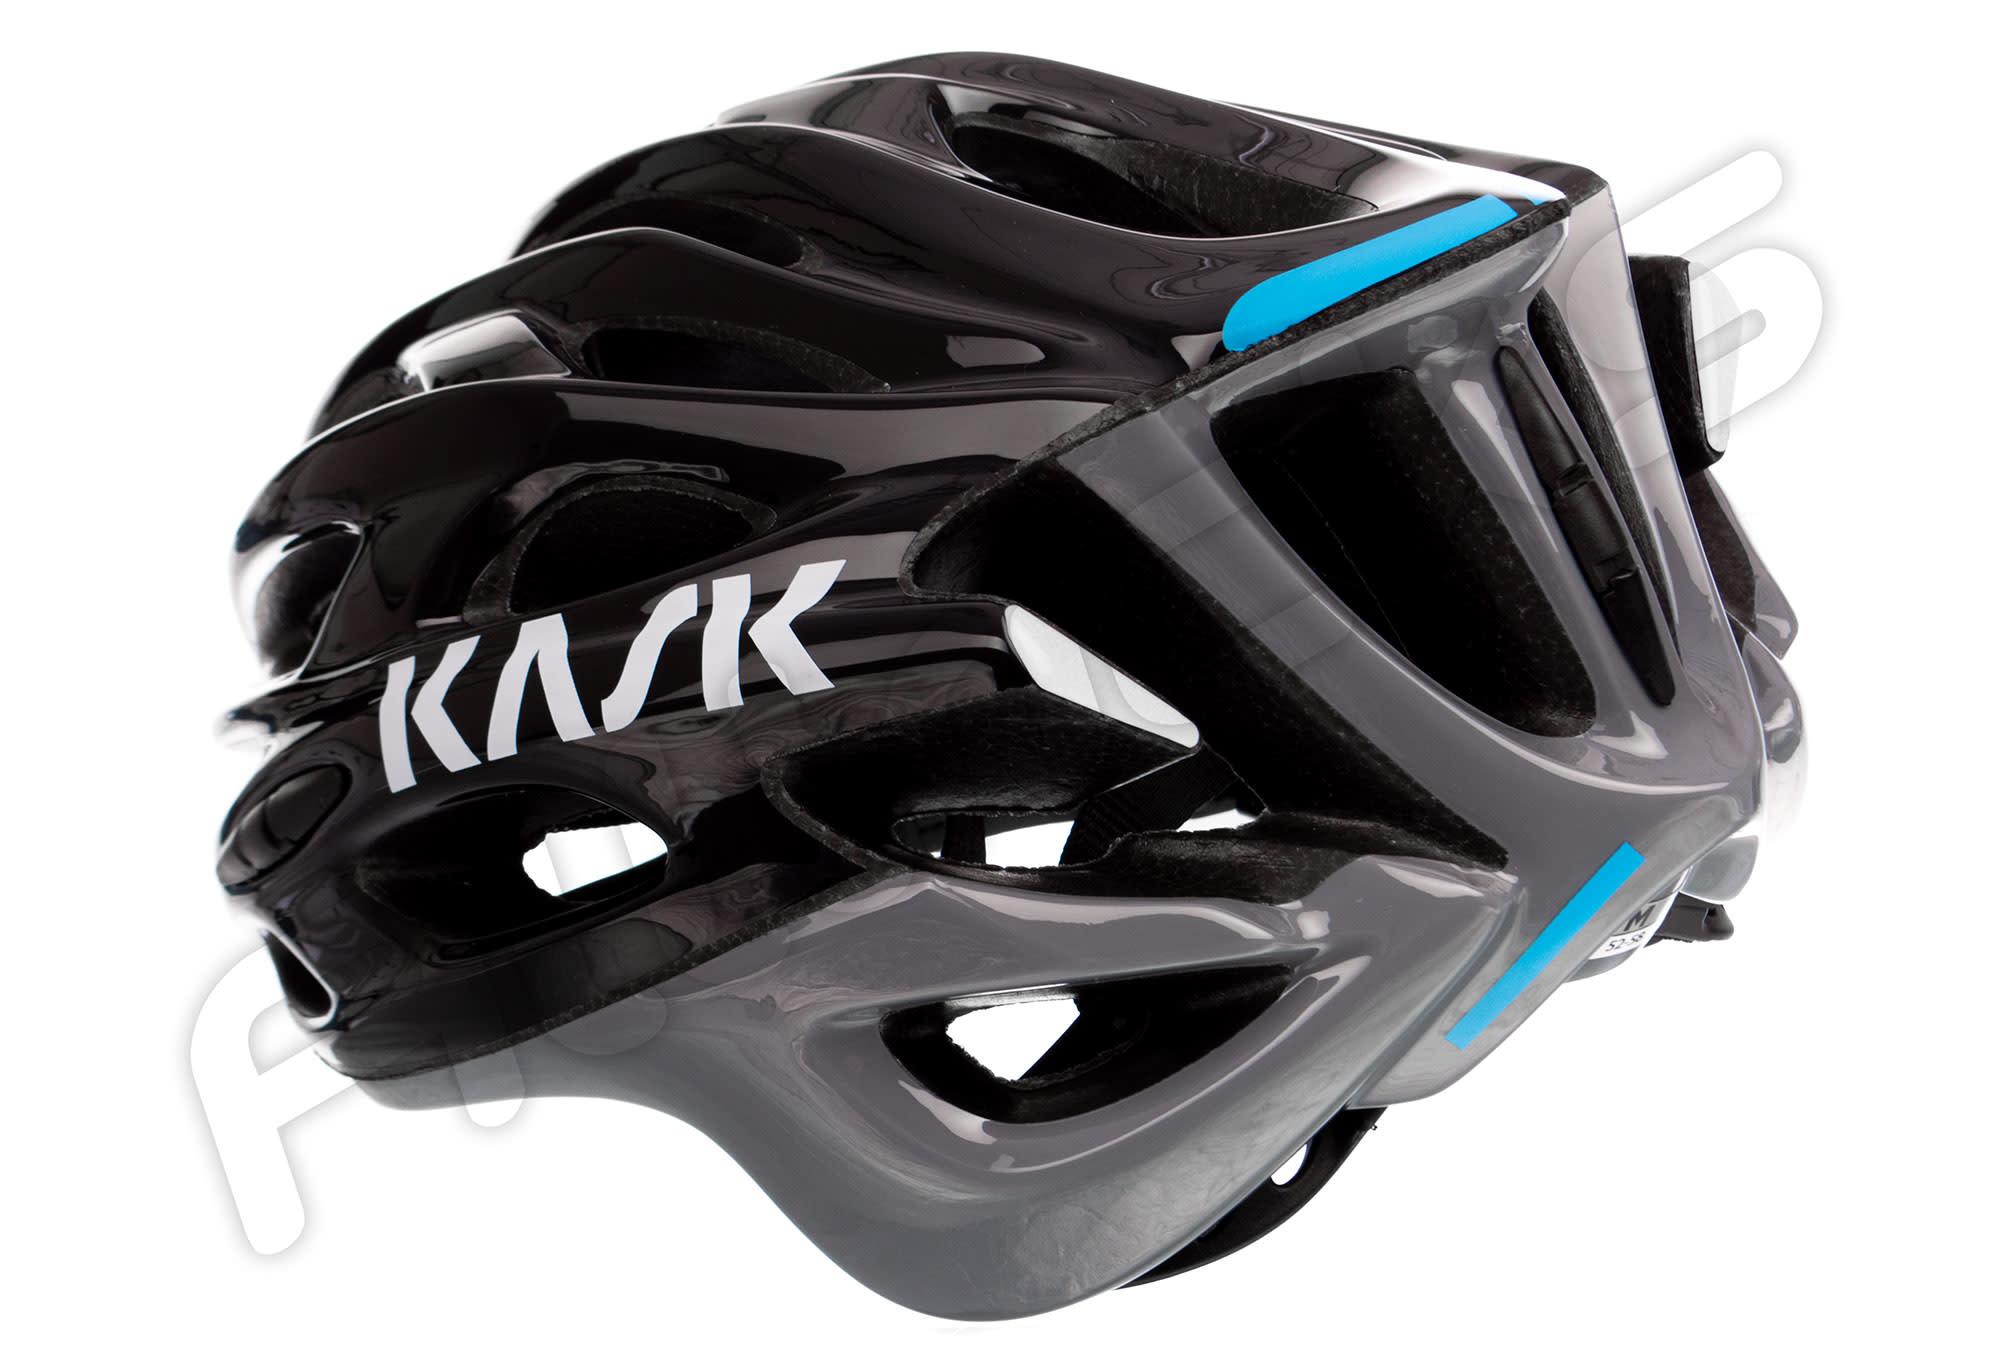 Kask Kask, Mojito X, Black/Ash/Light Blue, Large